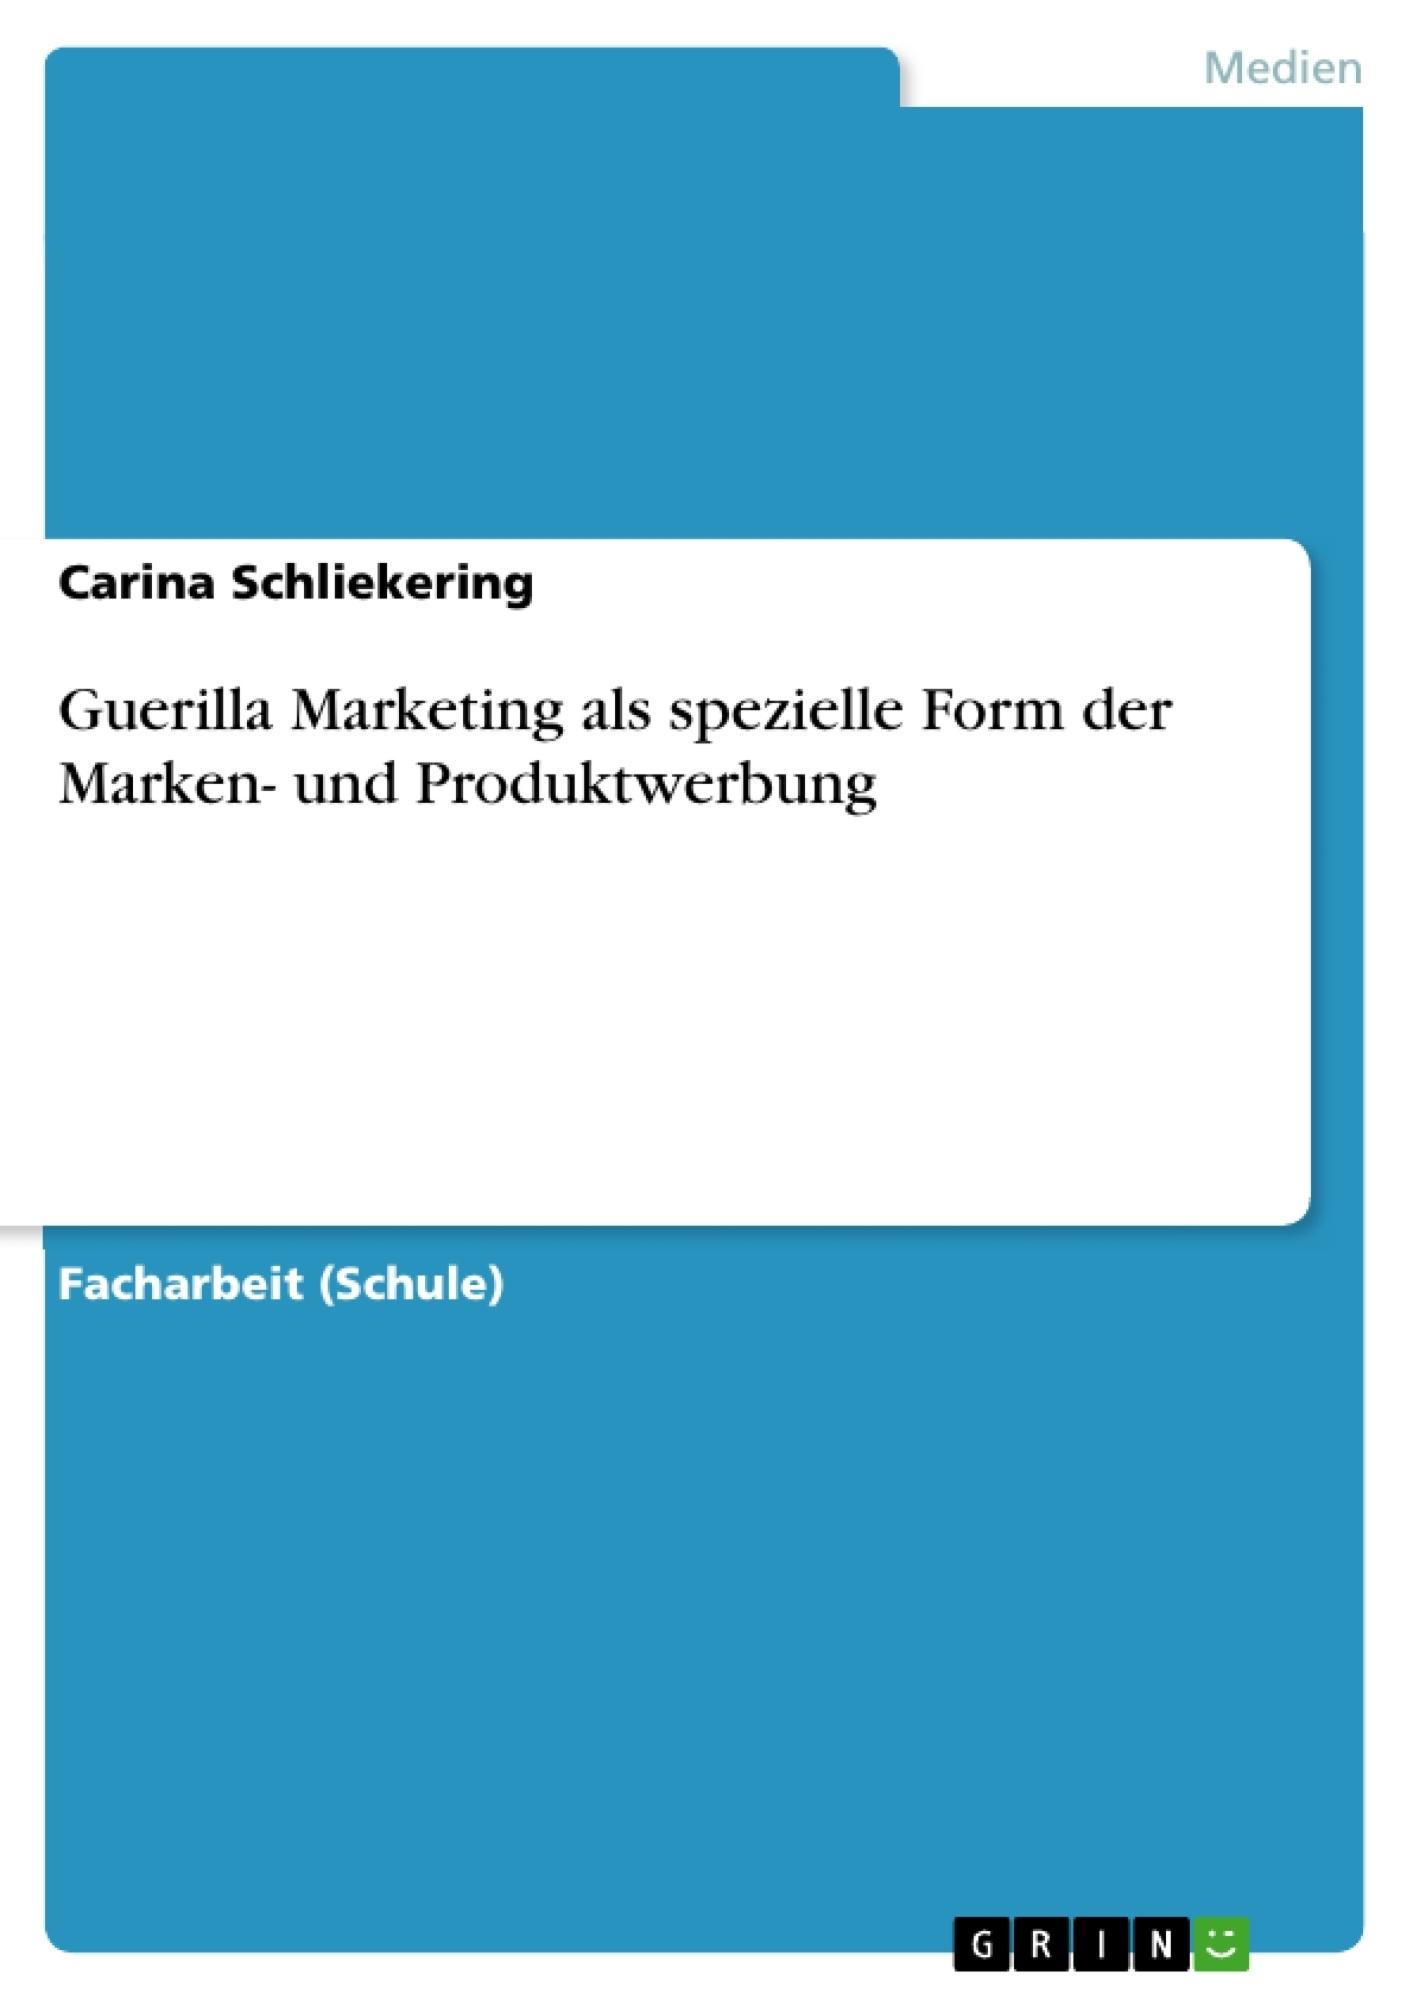 Titel: Guerilla Marketing als spezielle Form der Marken- und Produktwerbung